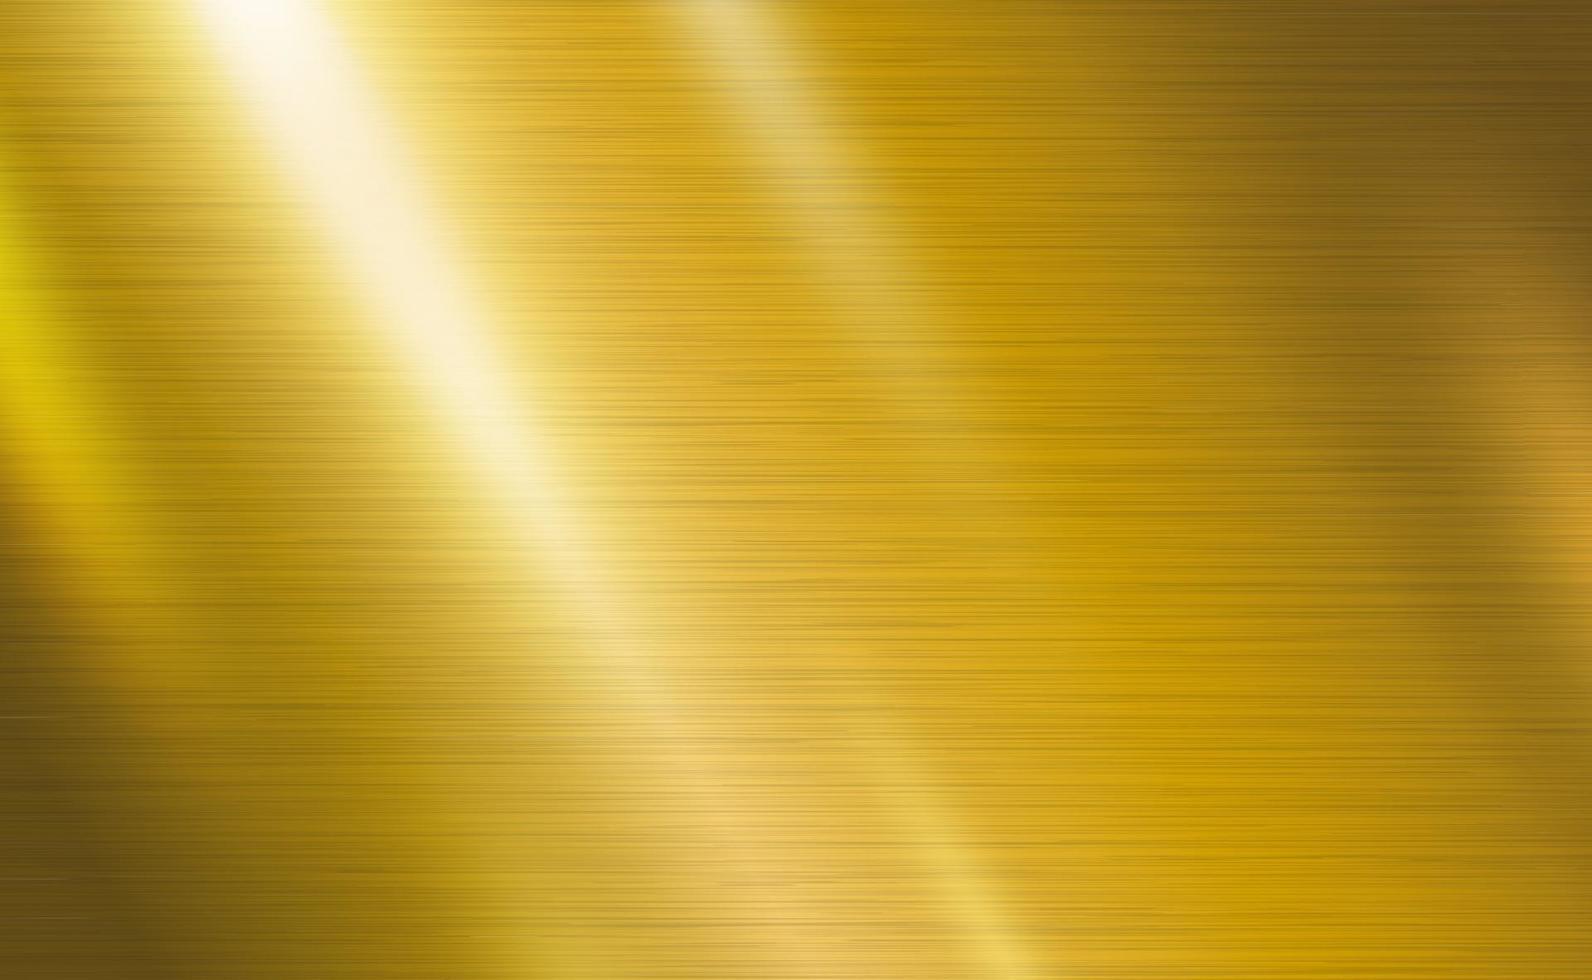 gouden metalen textuur achtergrond vectorillustratie vector